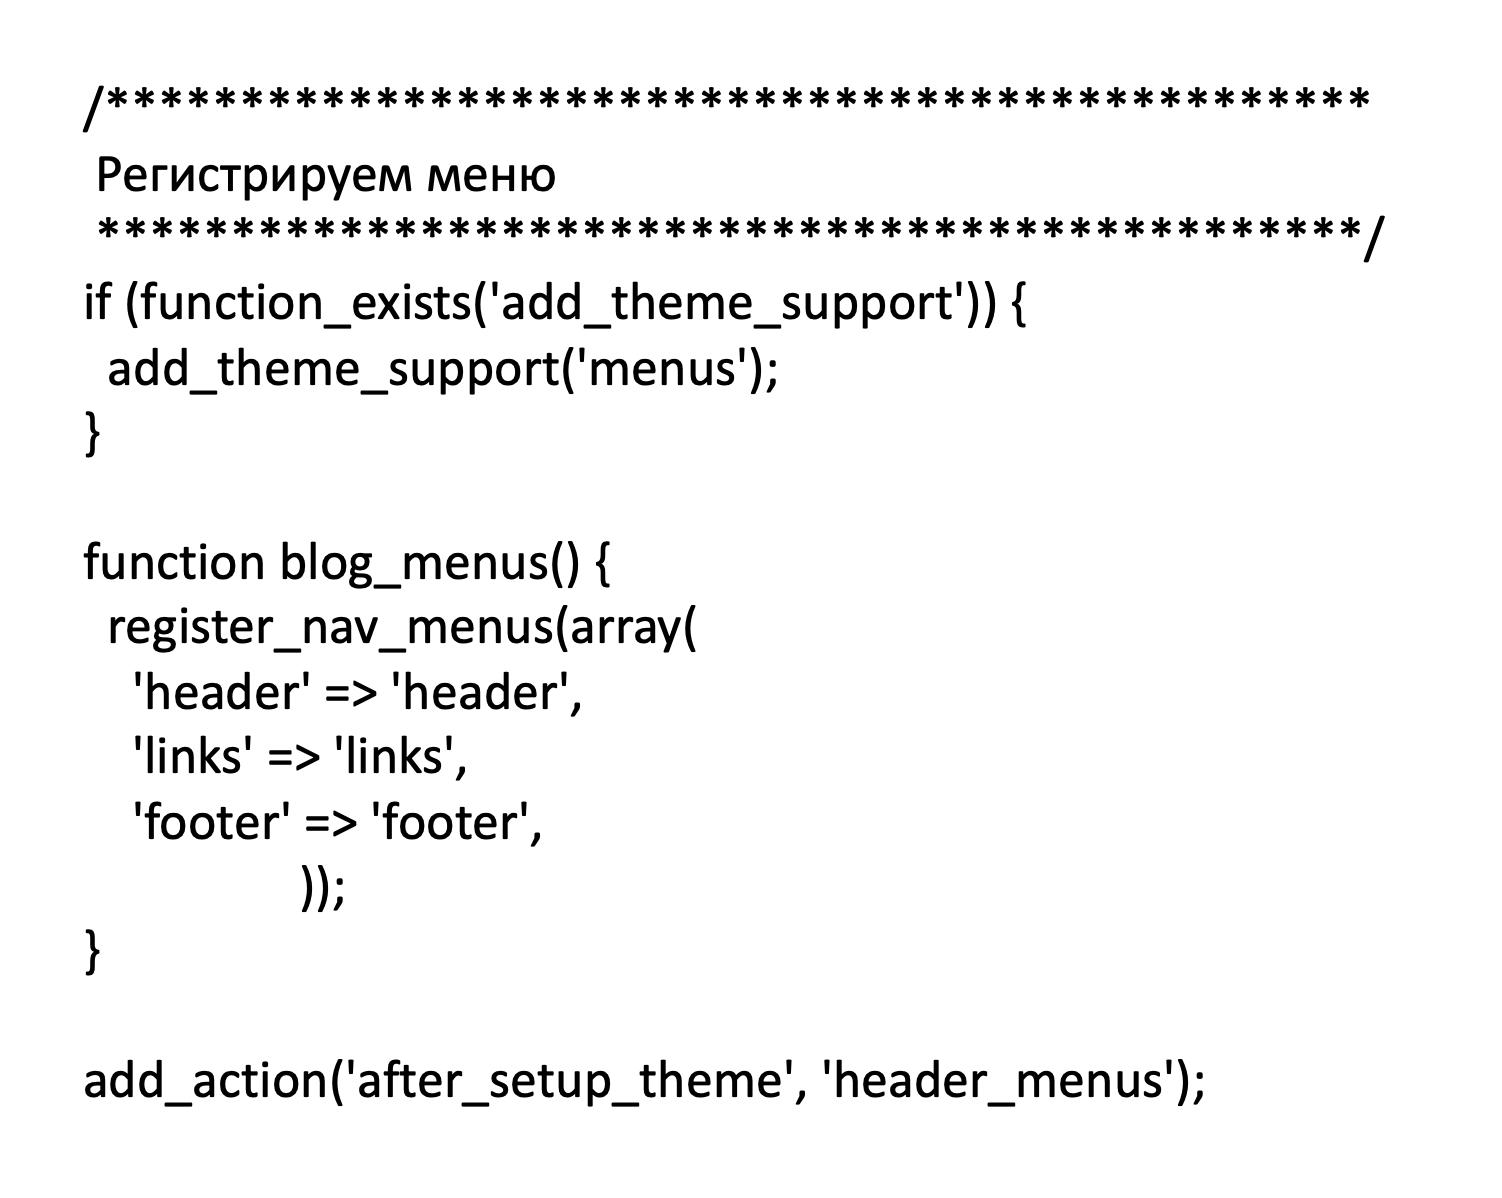 Пример кода без оформления